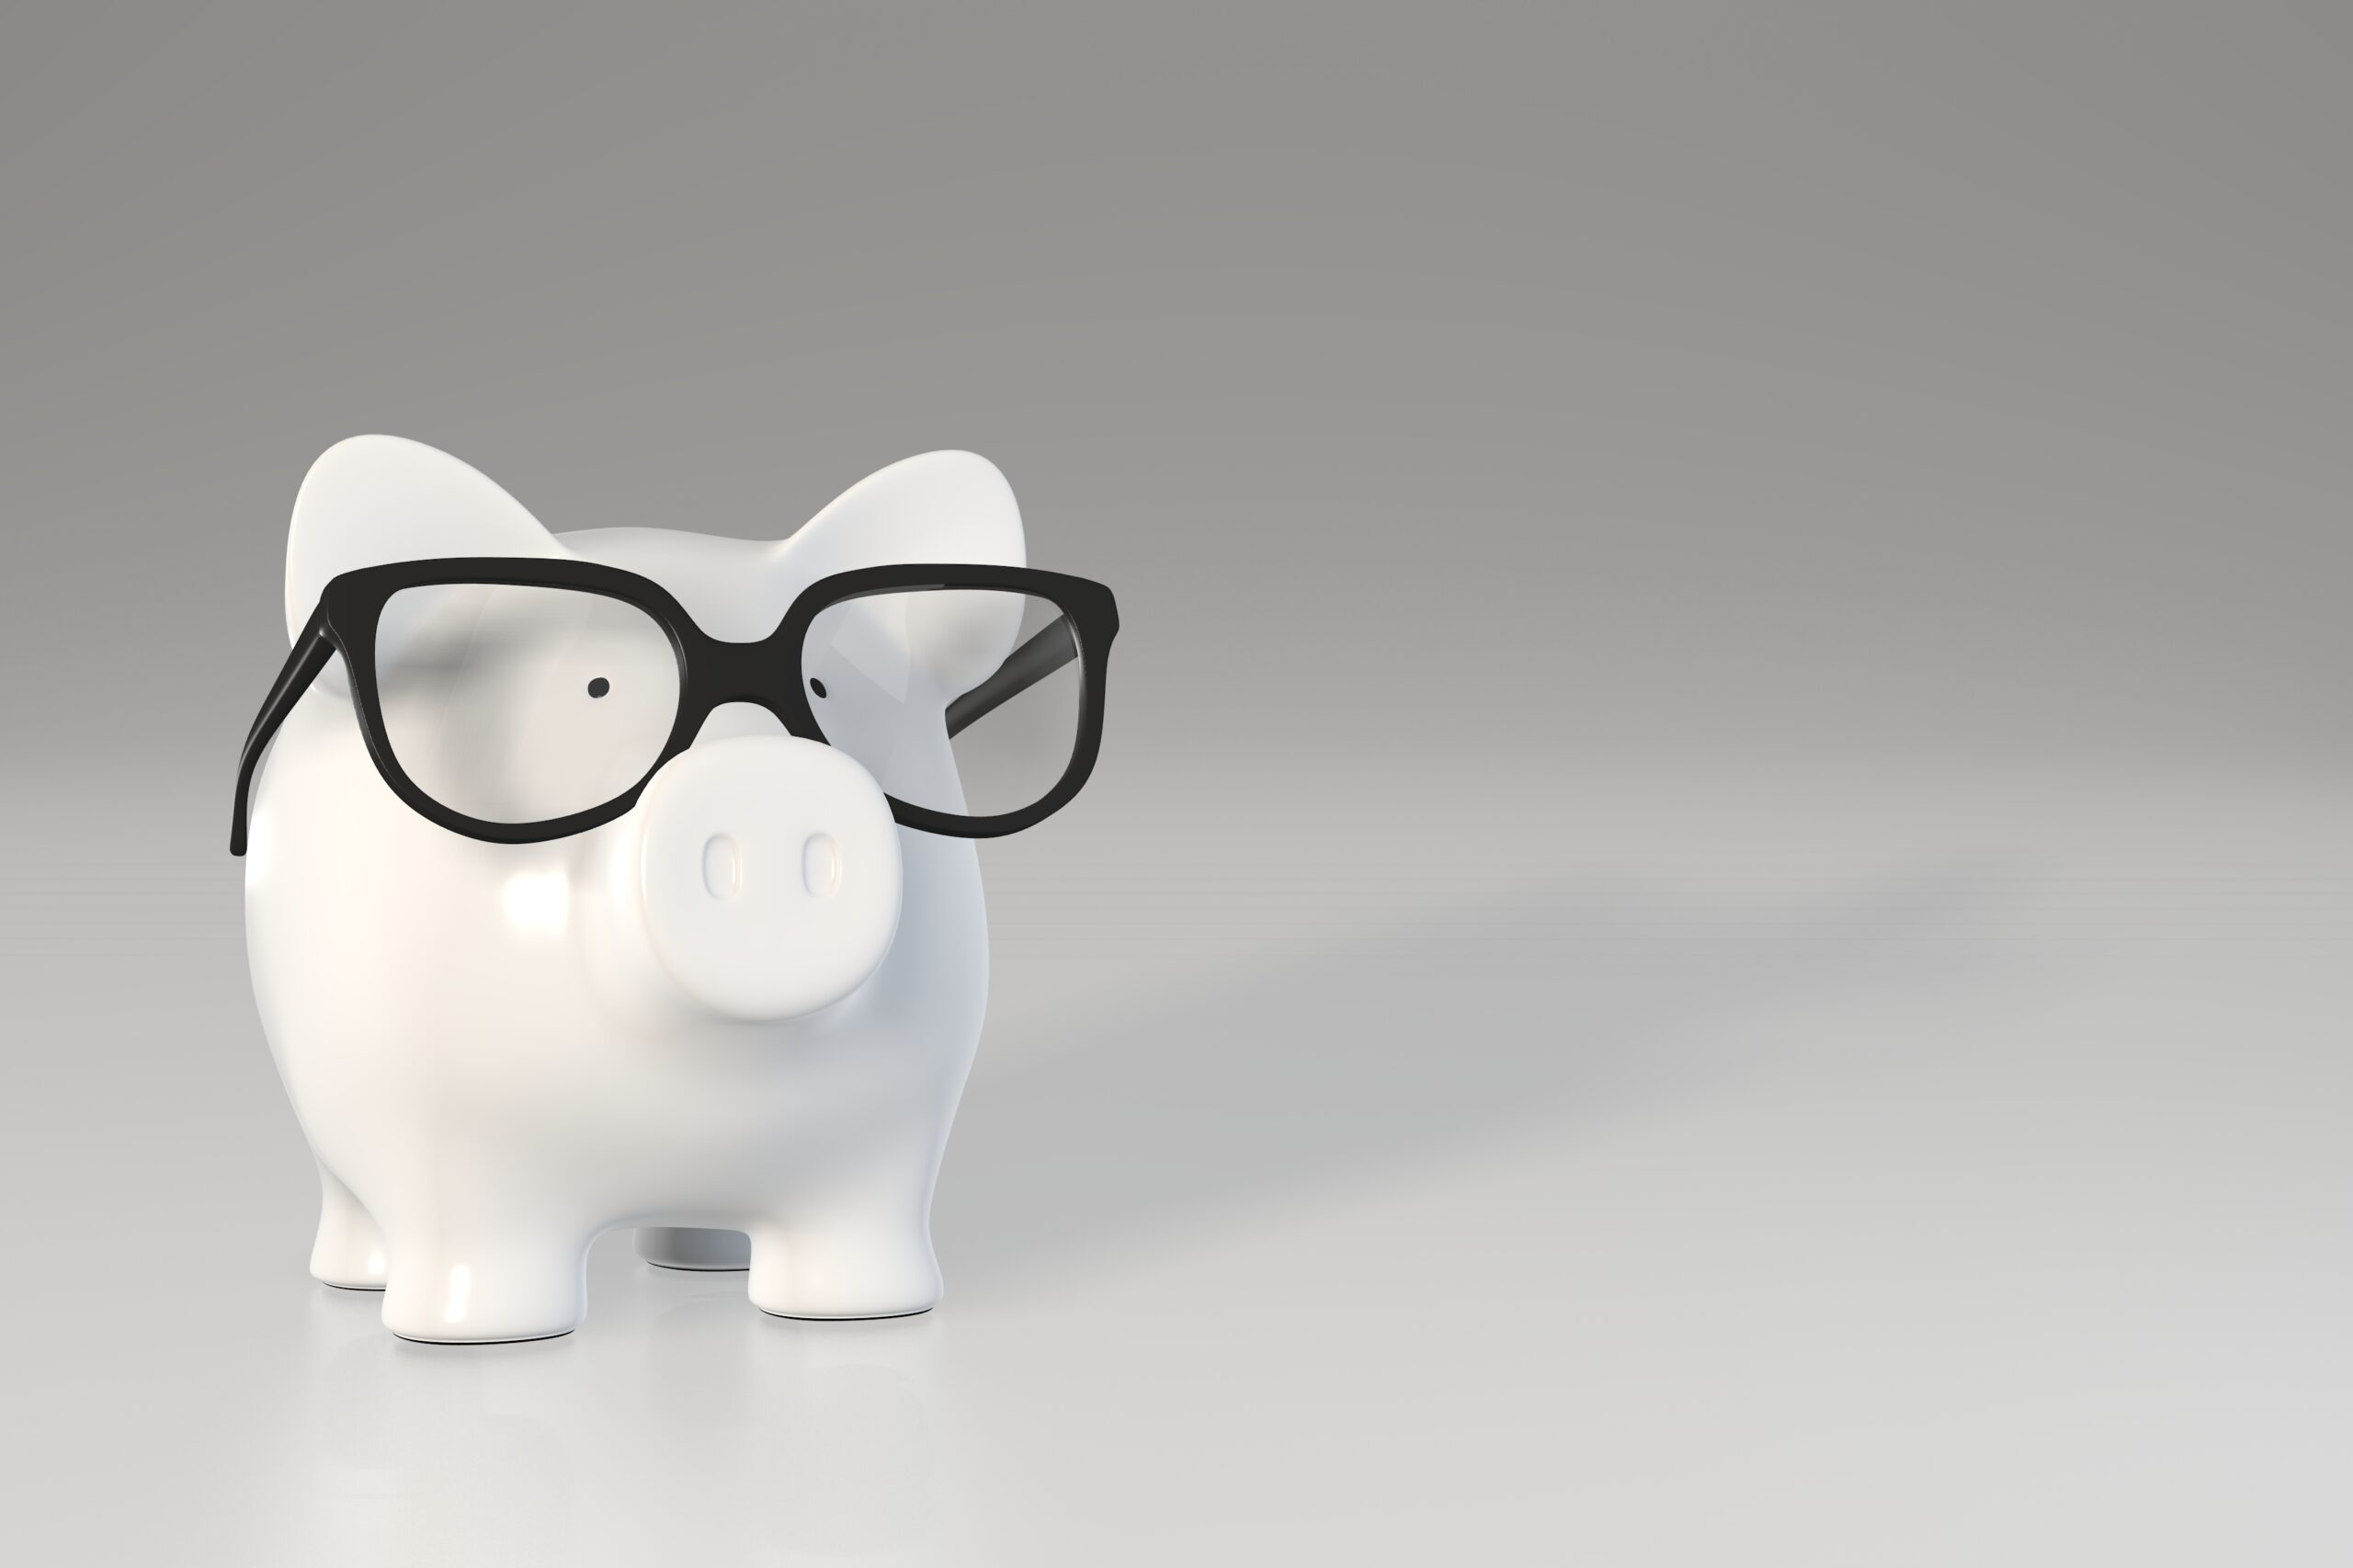 Piggy Bank Glasses